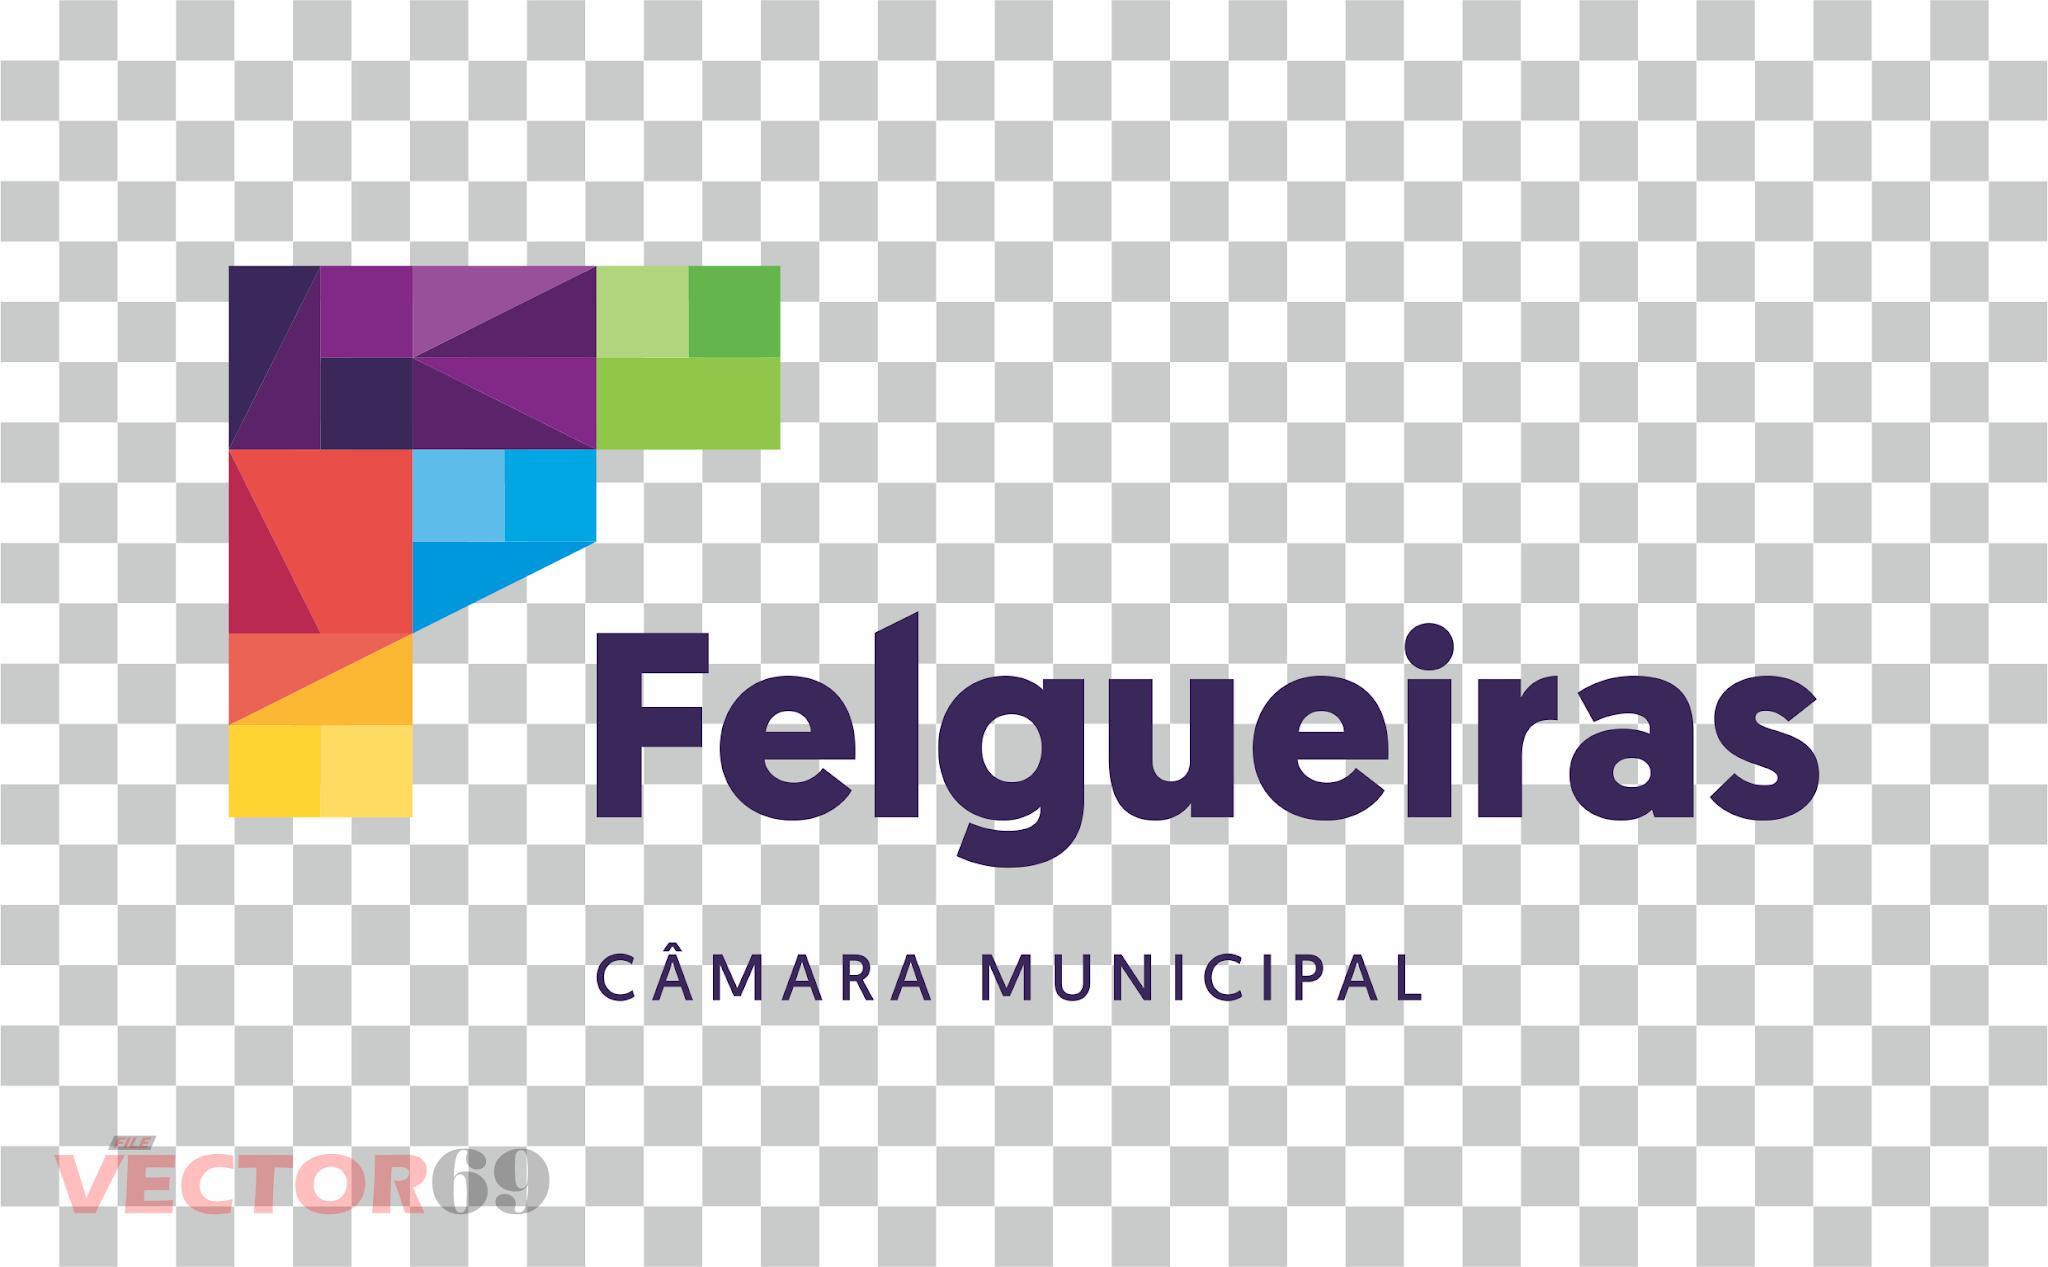 Câmara Municipal de Felgueiras Logo - Download Vector File PNG (Portable Network Graphics)